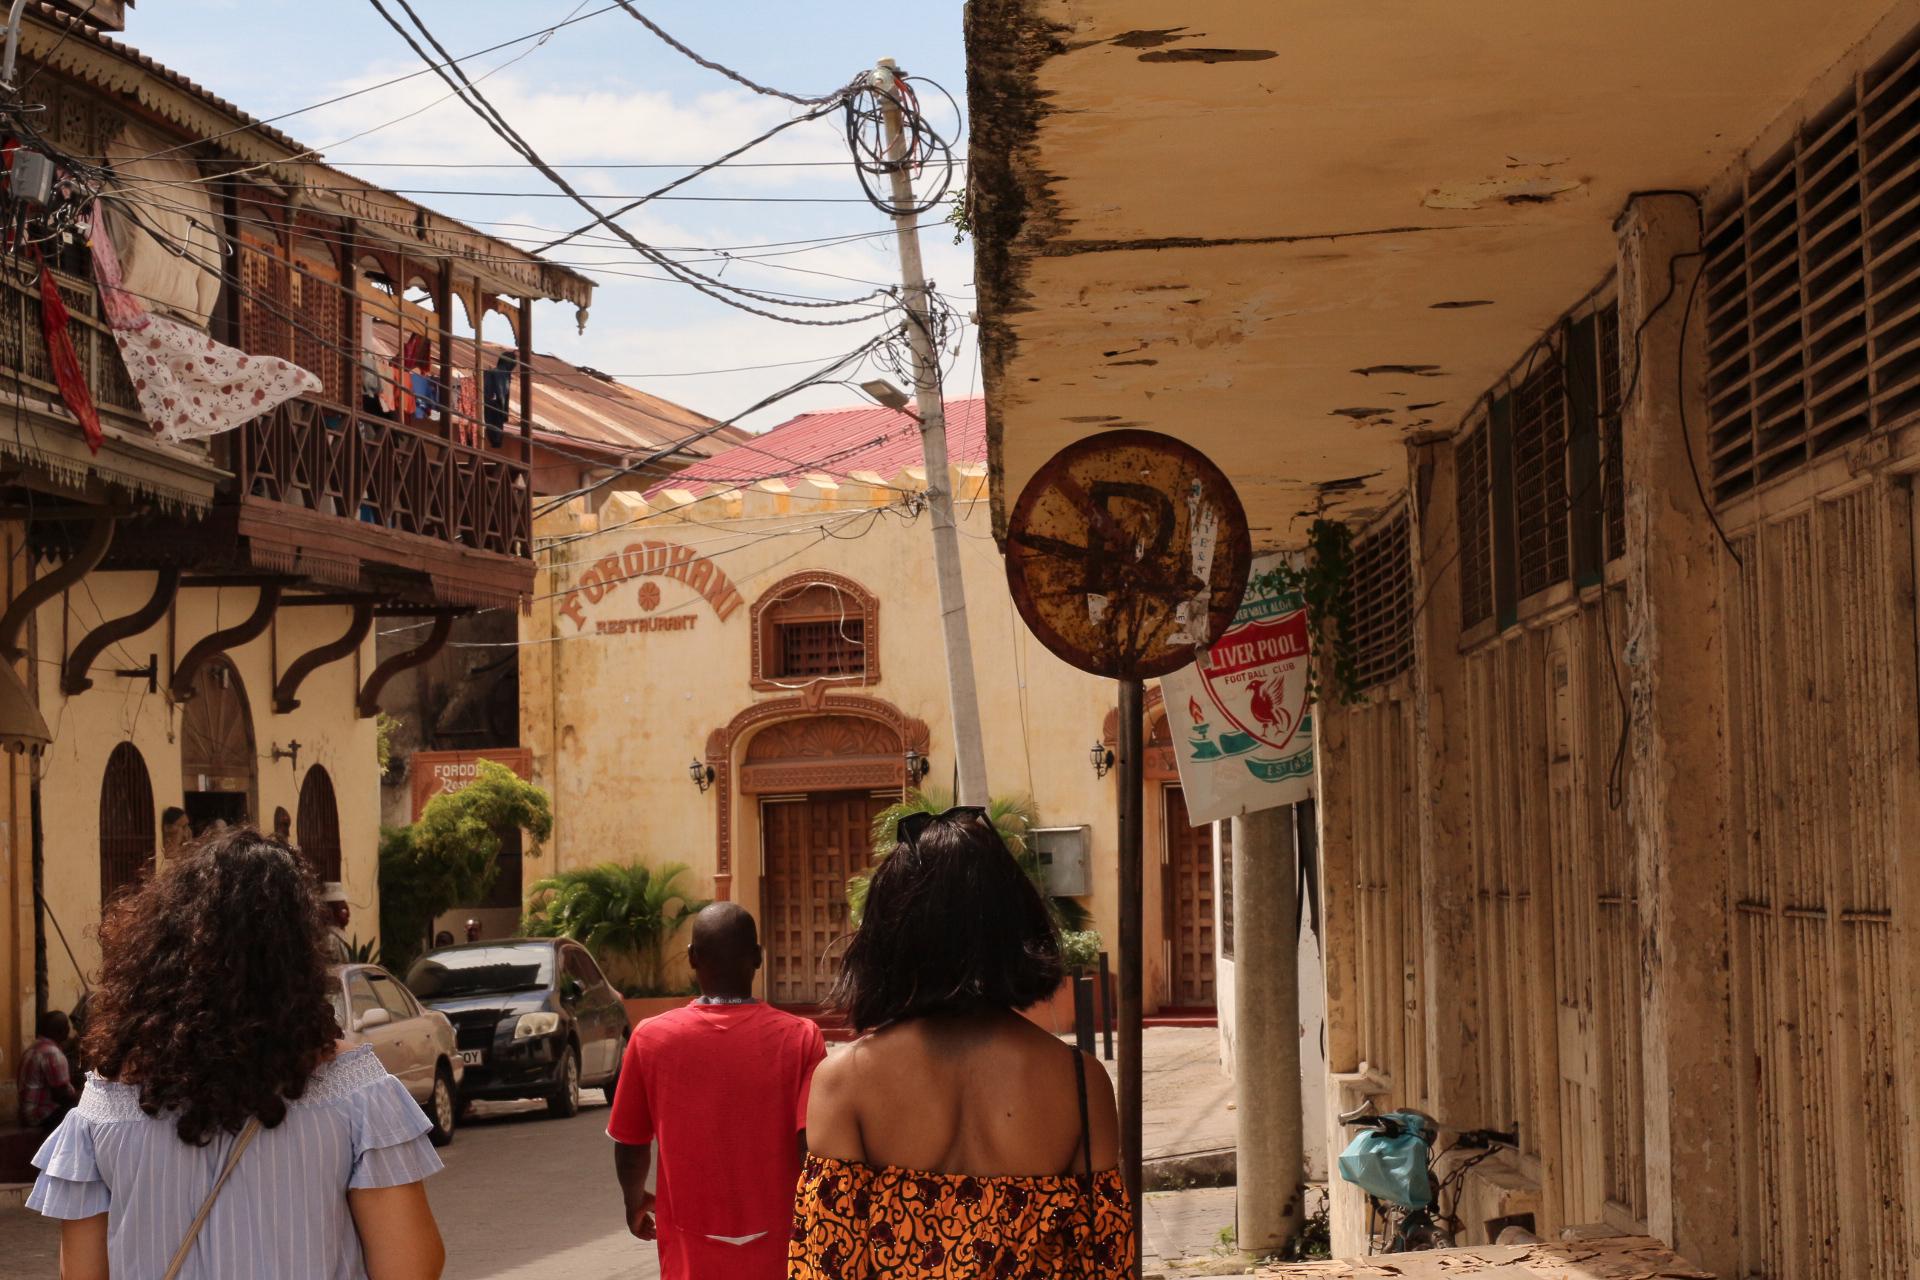 Entering Old Town..   Entrer Old Town